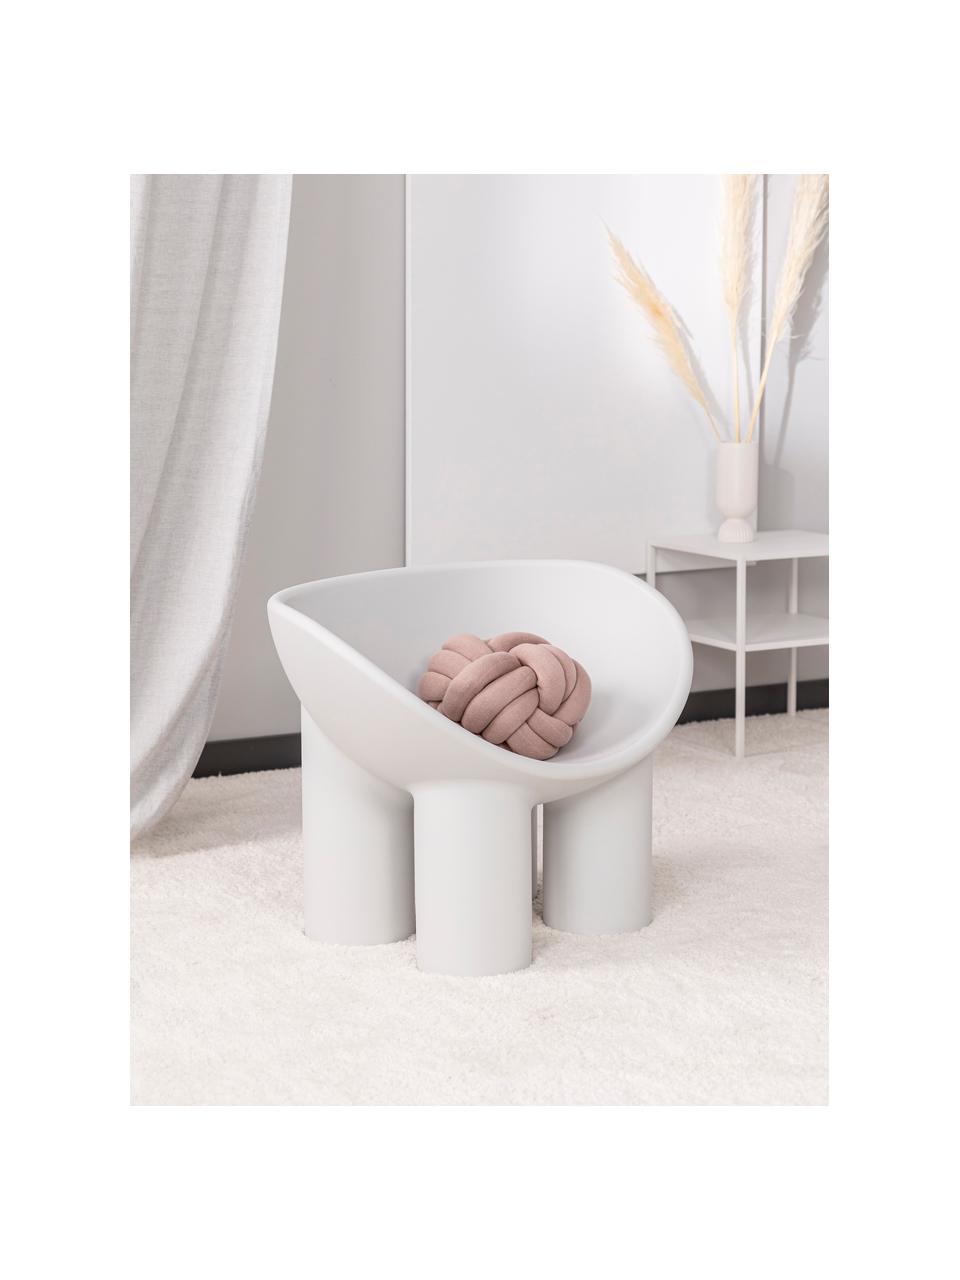 Poltrona di design color grigio chiaro Roly Poly, Polietilene, prodotto in un processo di stampaggio rotazionale, Grigio chiaro, Larg. 84 x Prof. 57 cm